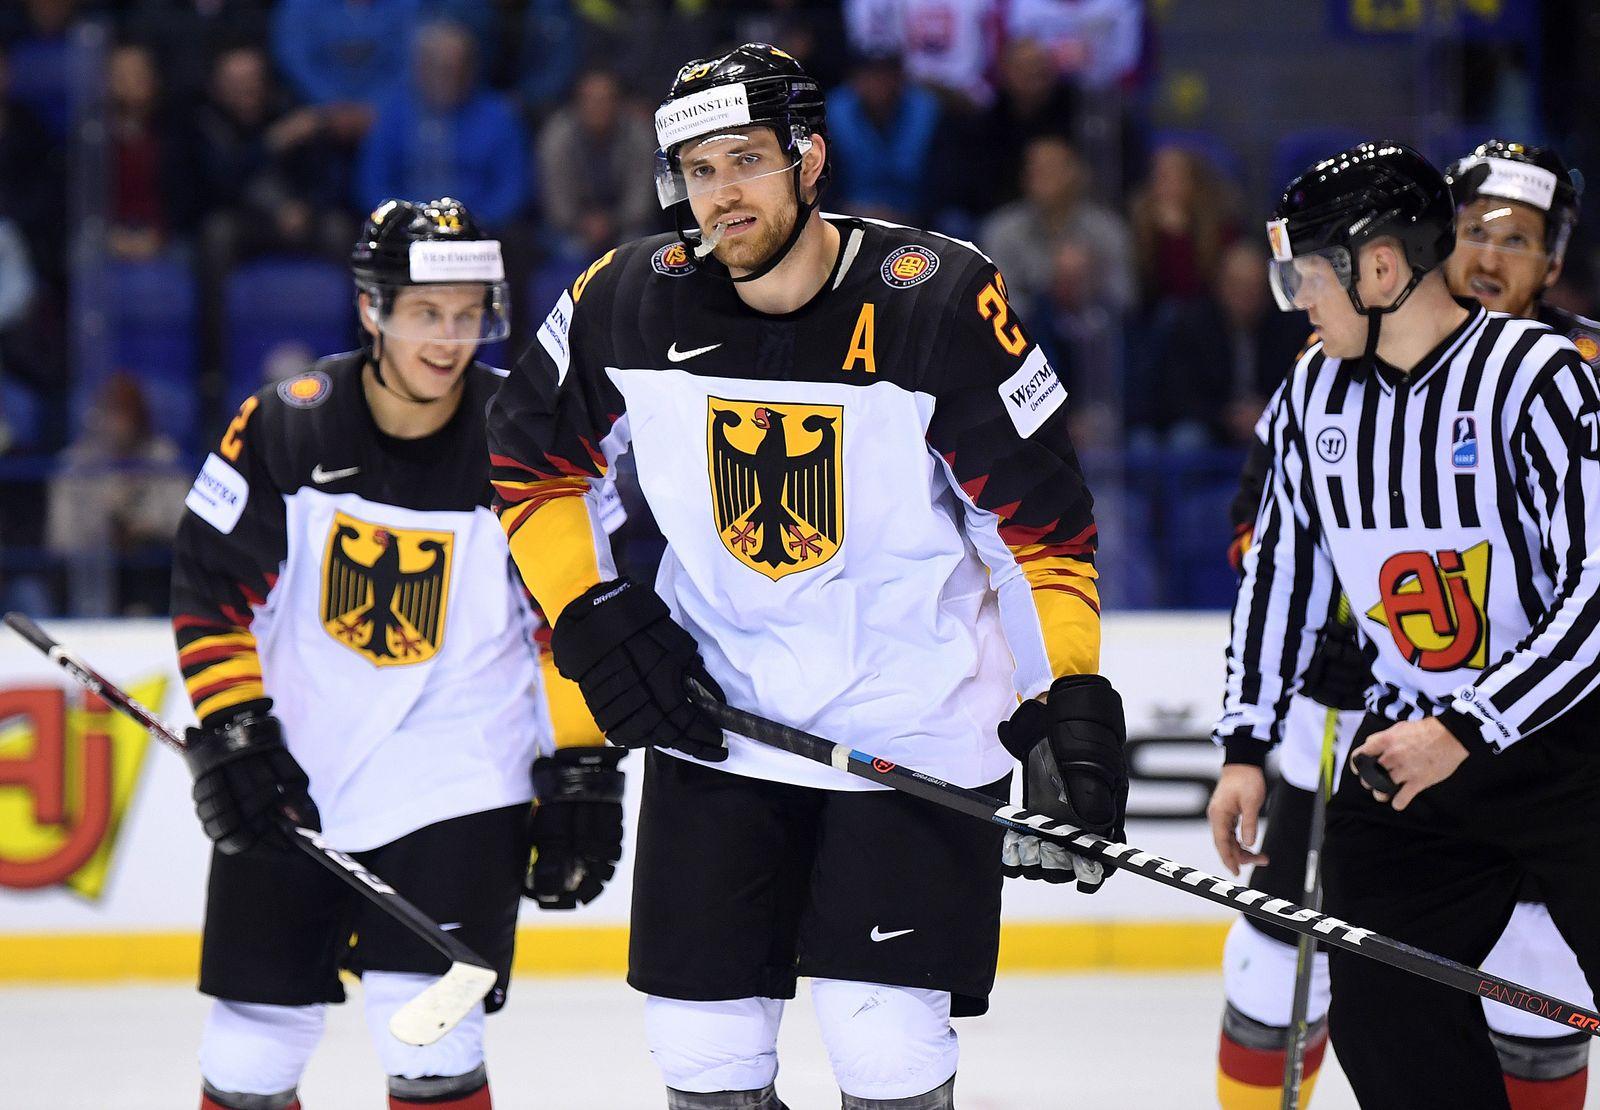 Eishockey WM: Deutschland - Frankreich